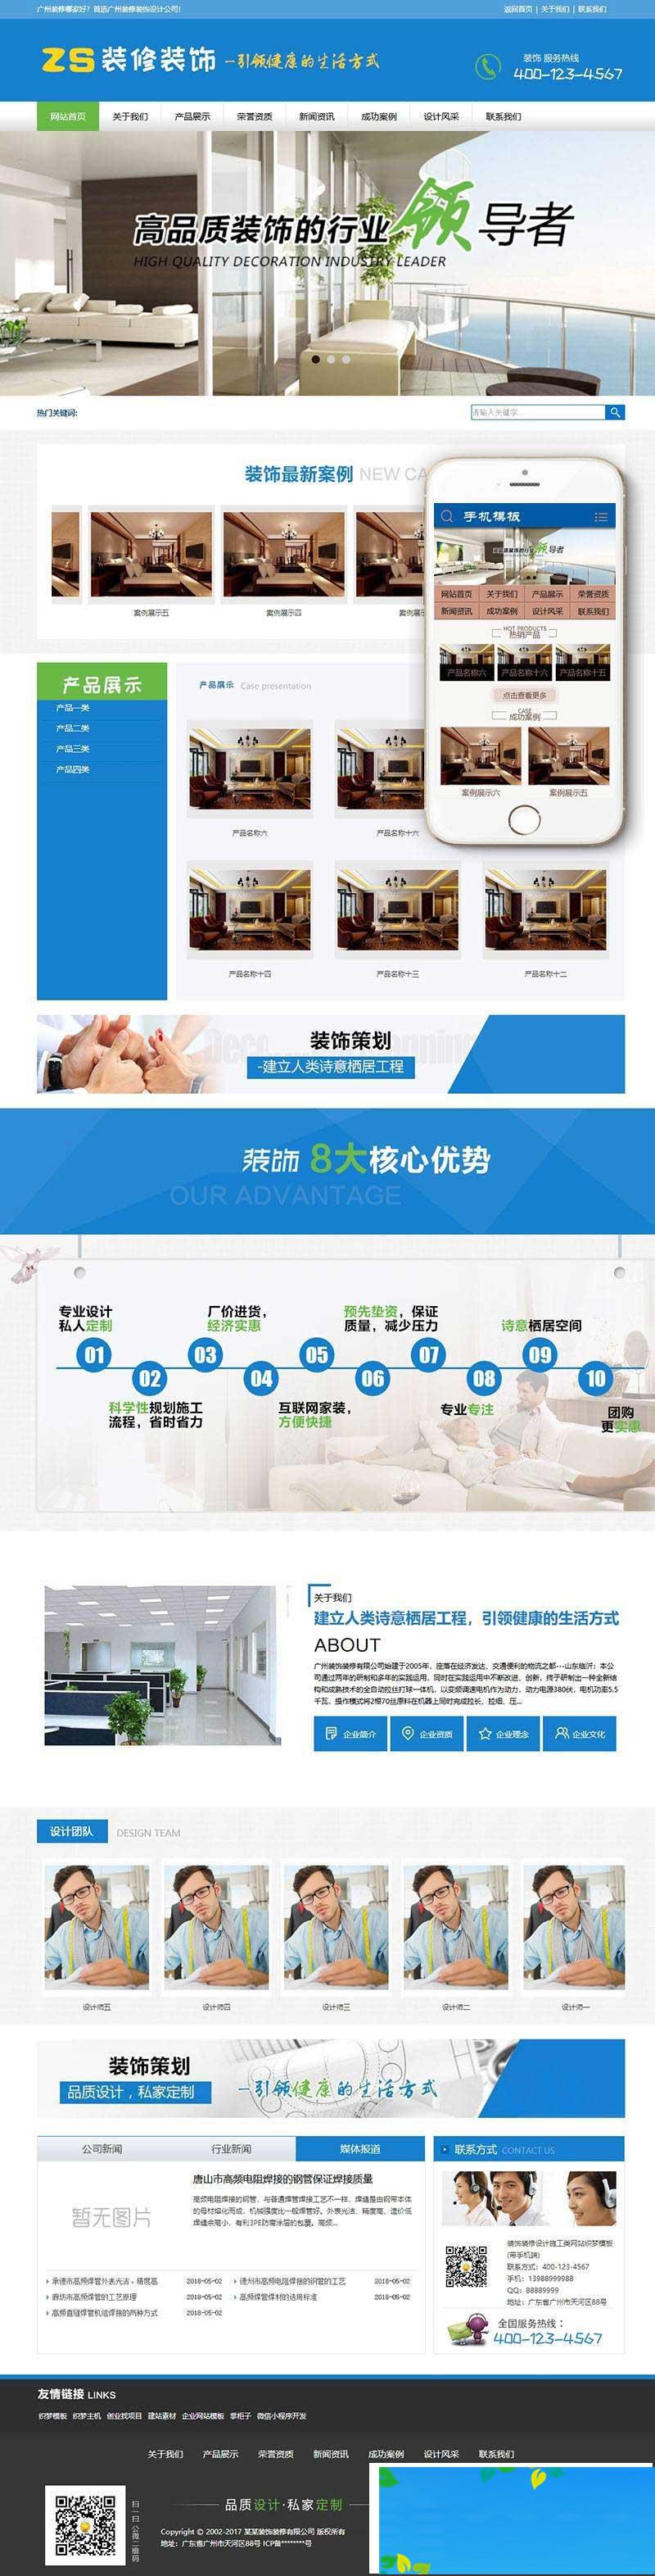 织梦dedecms装饰装修设计施工公司网站模板(带手机移动端)